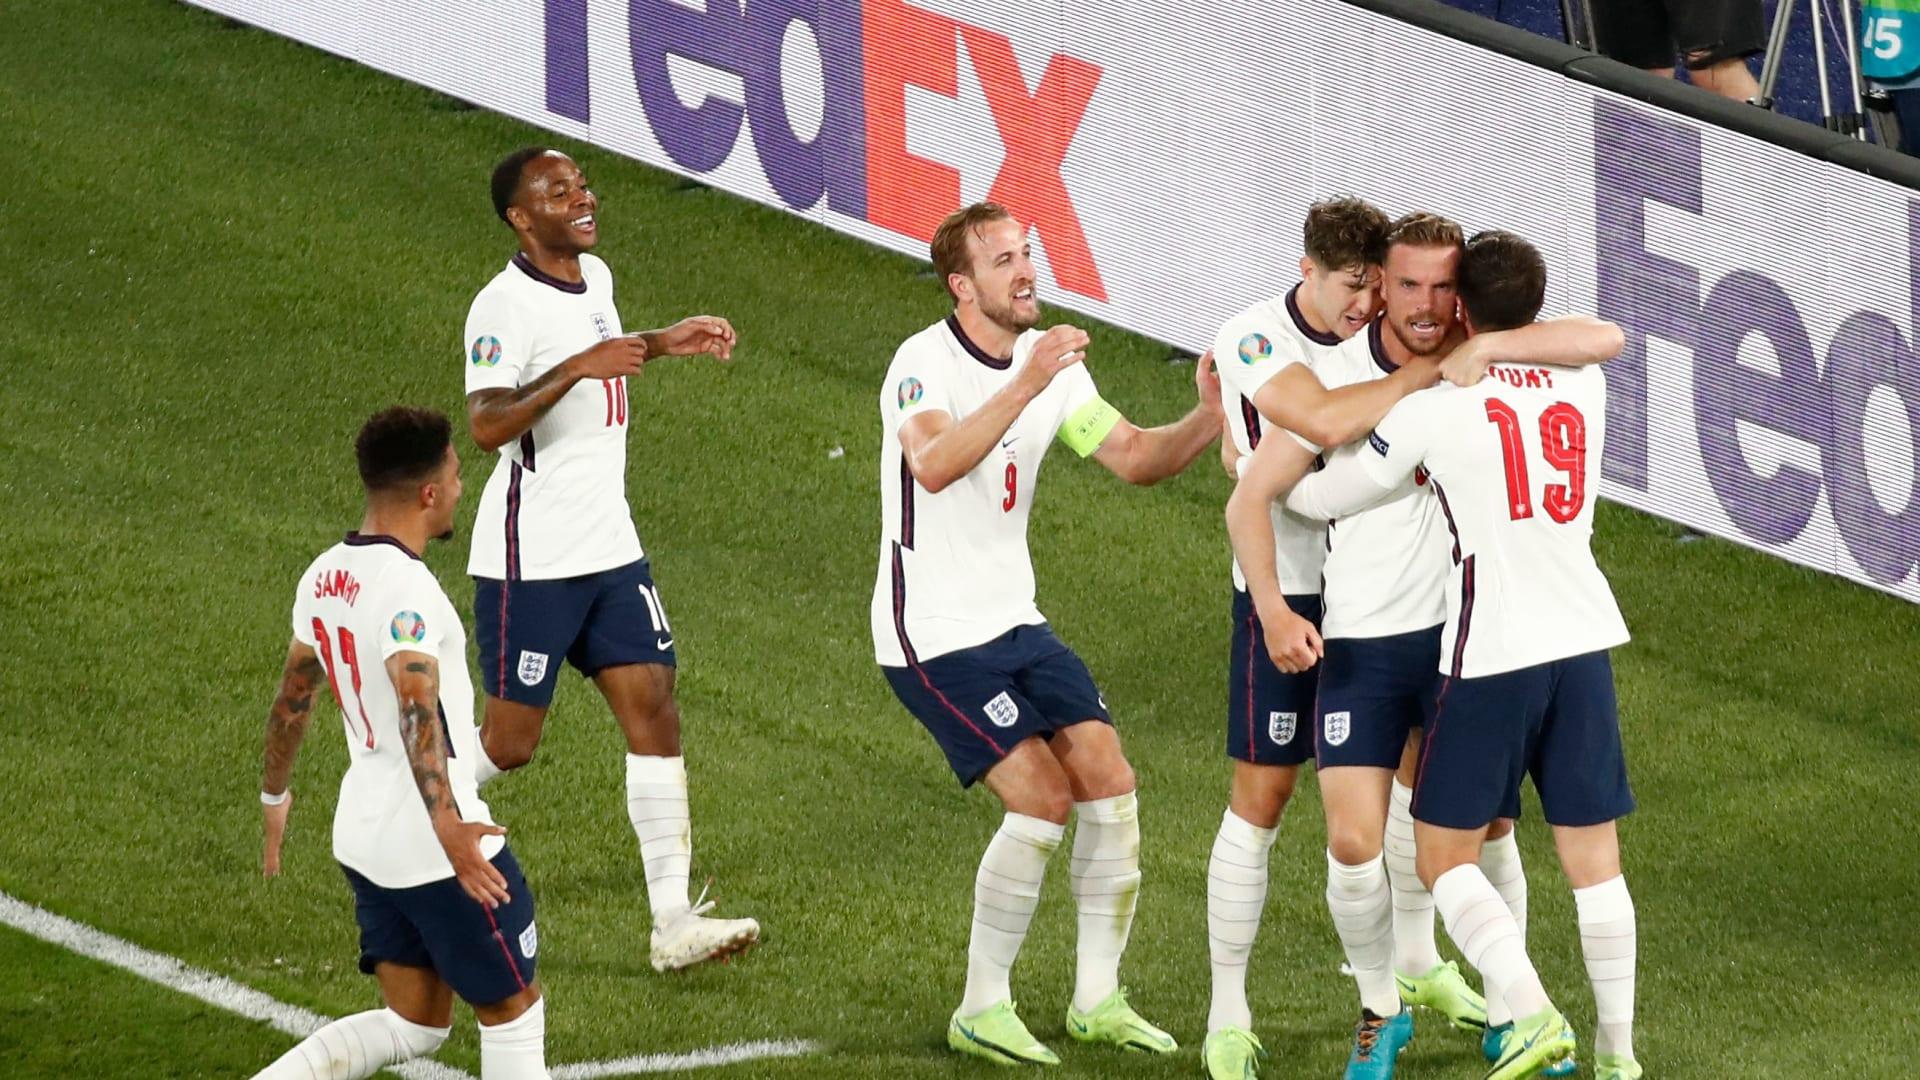 لاعب خط وسط إنجلترا جوردان هندرسون يحتفل مع زملائه بعد تسجيله الهدف الرابع للفريق خلال مباراة ربع نهائي كأس الأمم الأوروبية لكرة القدم 2020 بين أوكرانيا وإنجلترا على الملعب الأولمبي في روما في 3 يوليو 2021